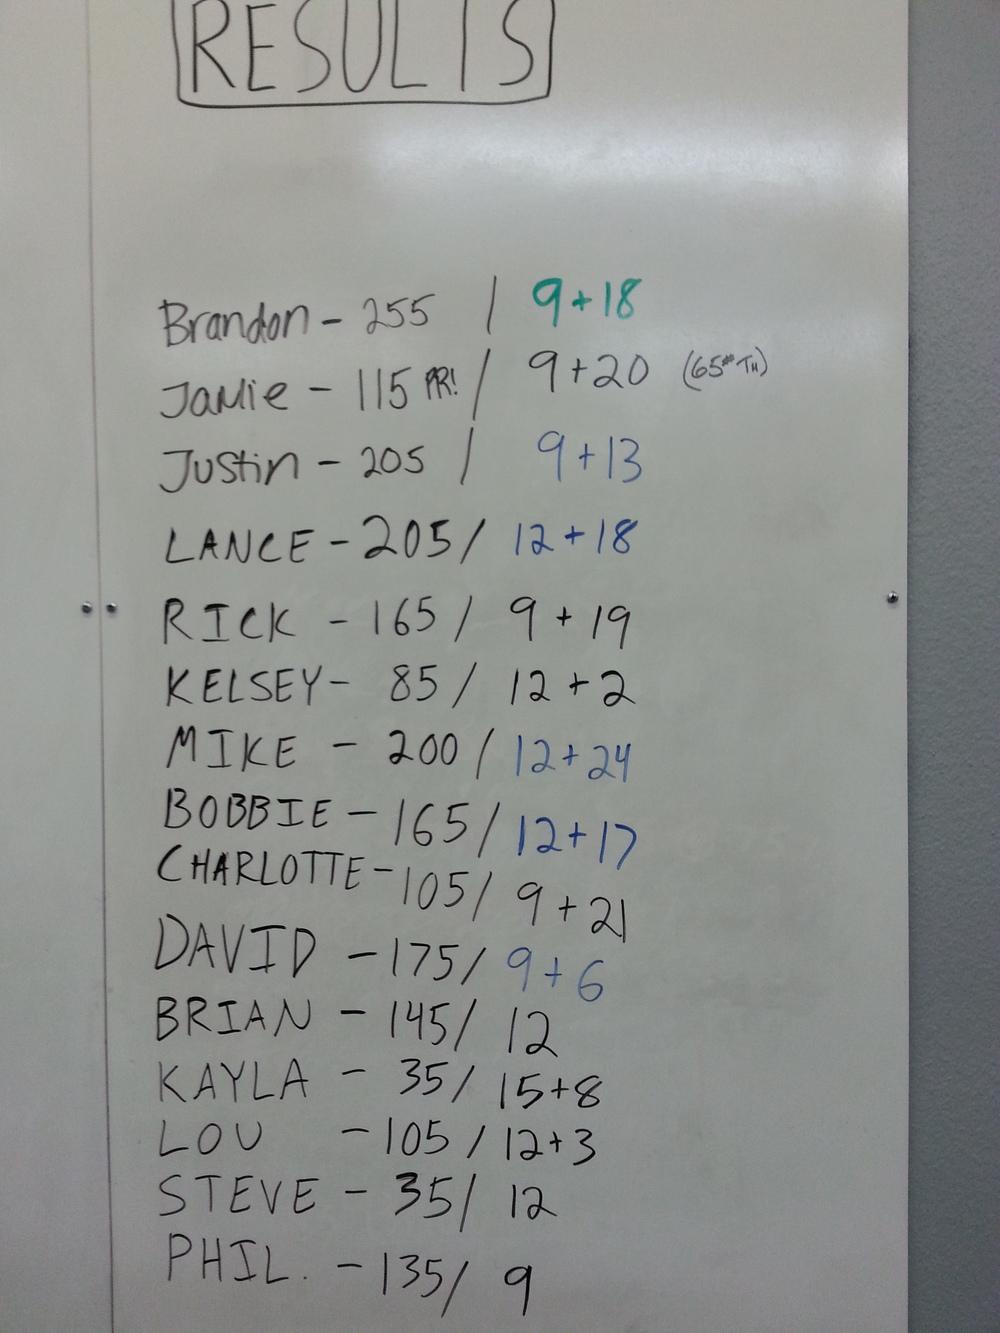 Scores on scores on scores